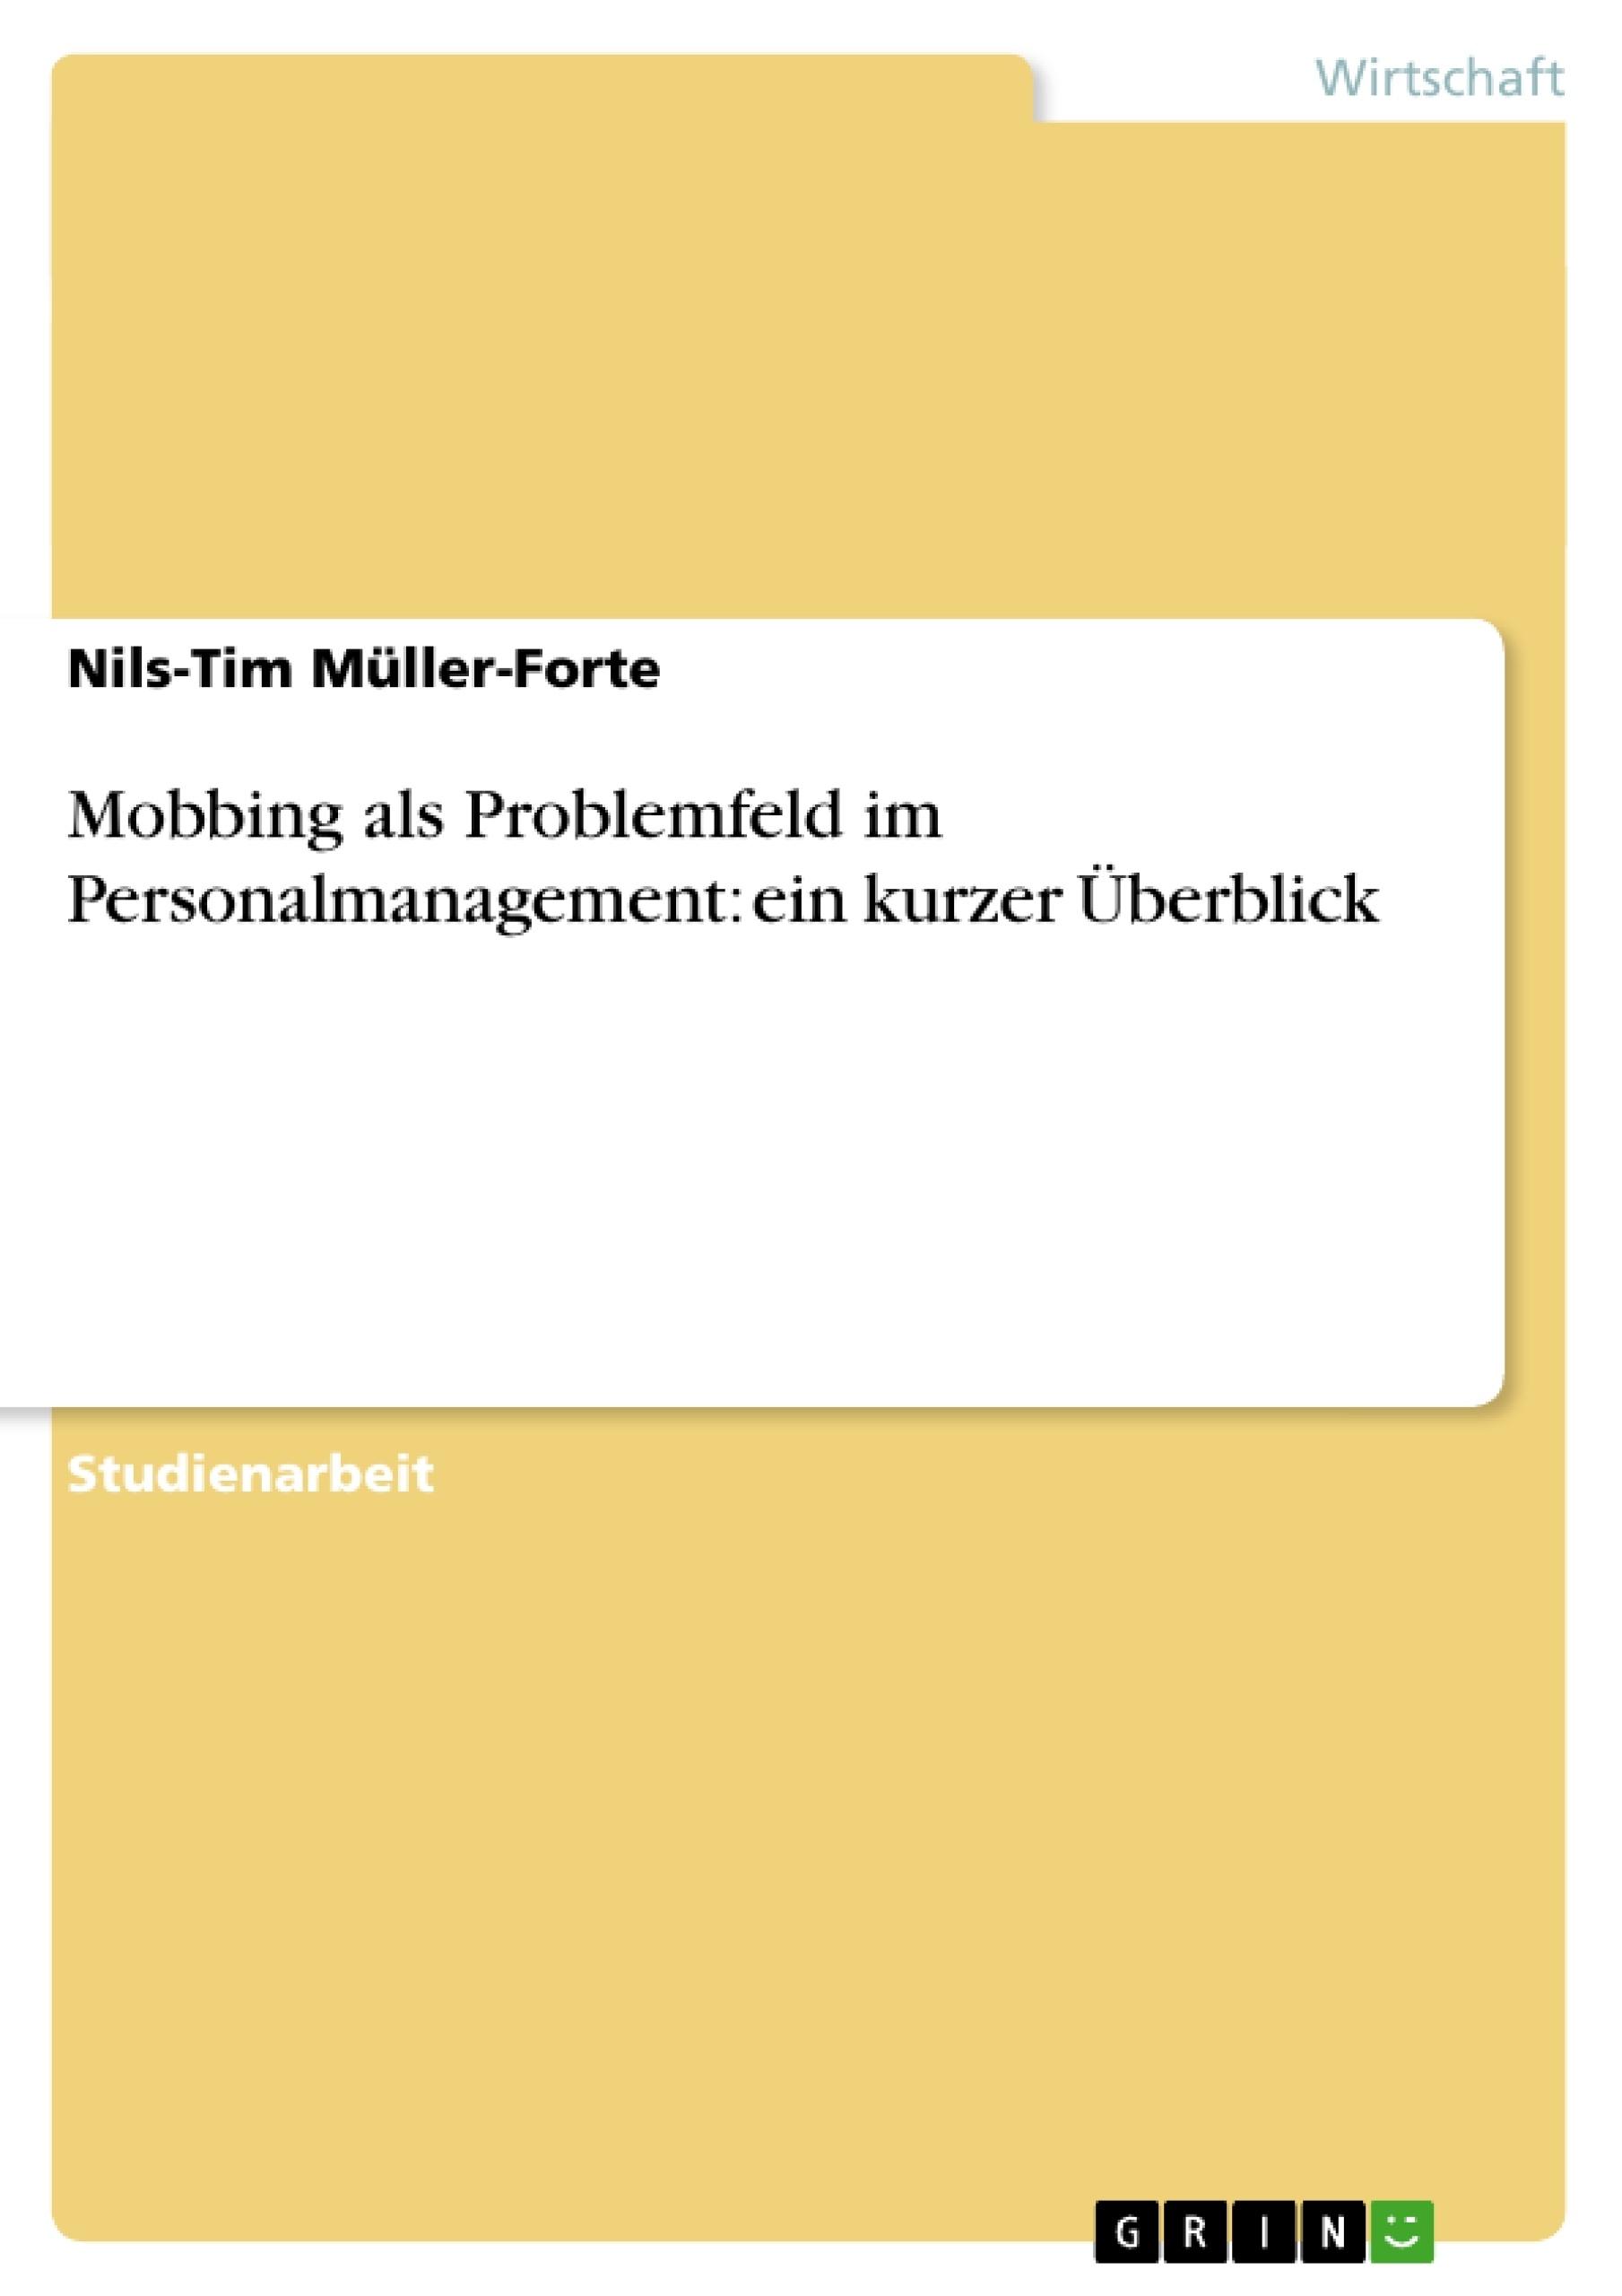 Titel: Mobbing als Problemfeld im Personalmanagement: ein kurzer Überblick